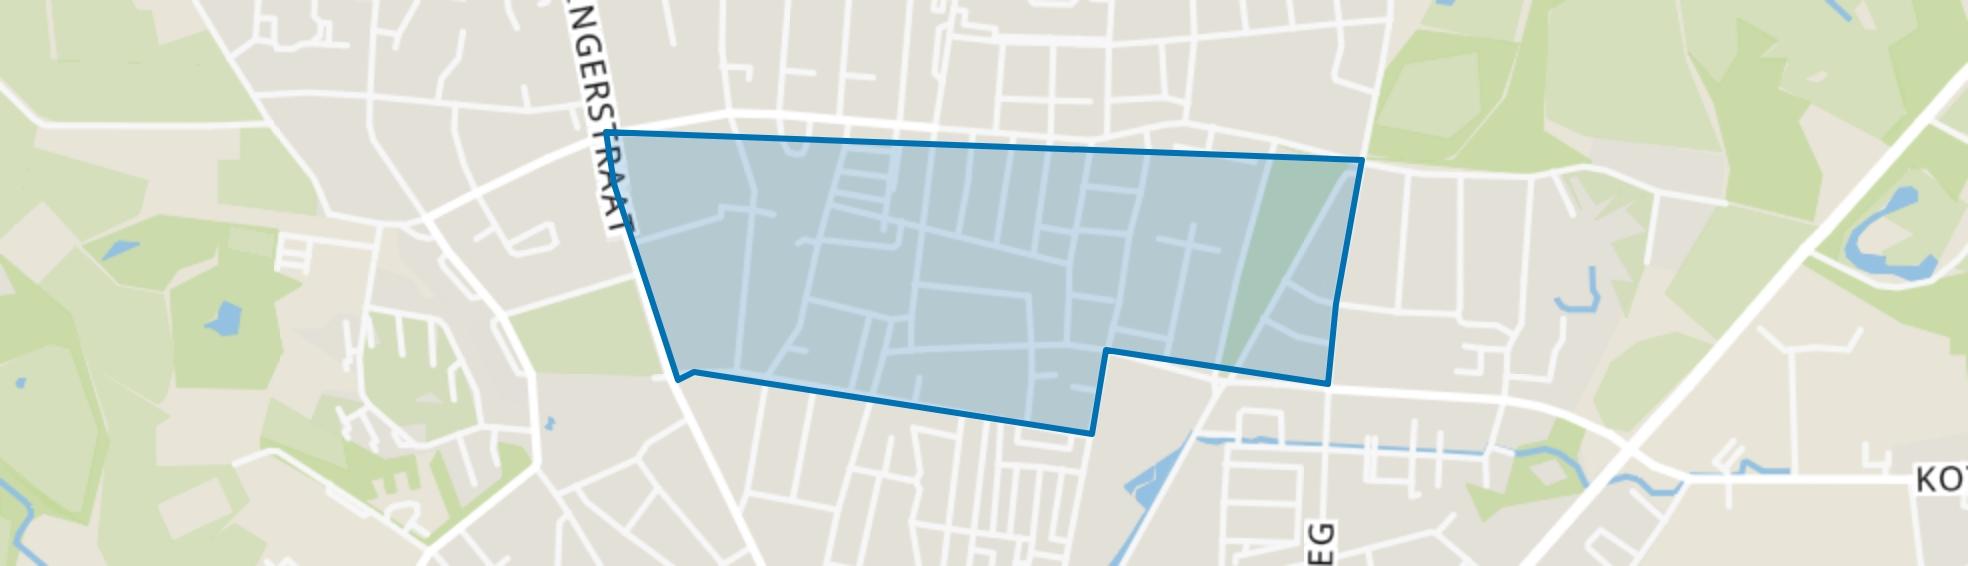 Mekkelholt, Enschede map